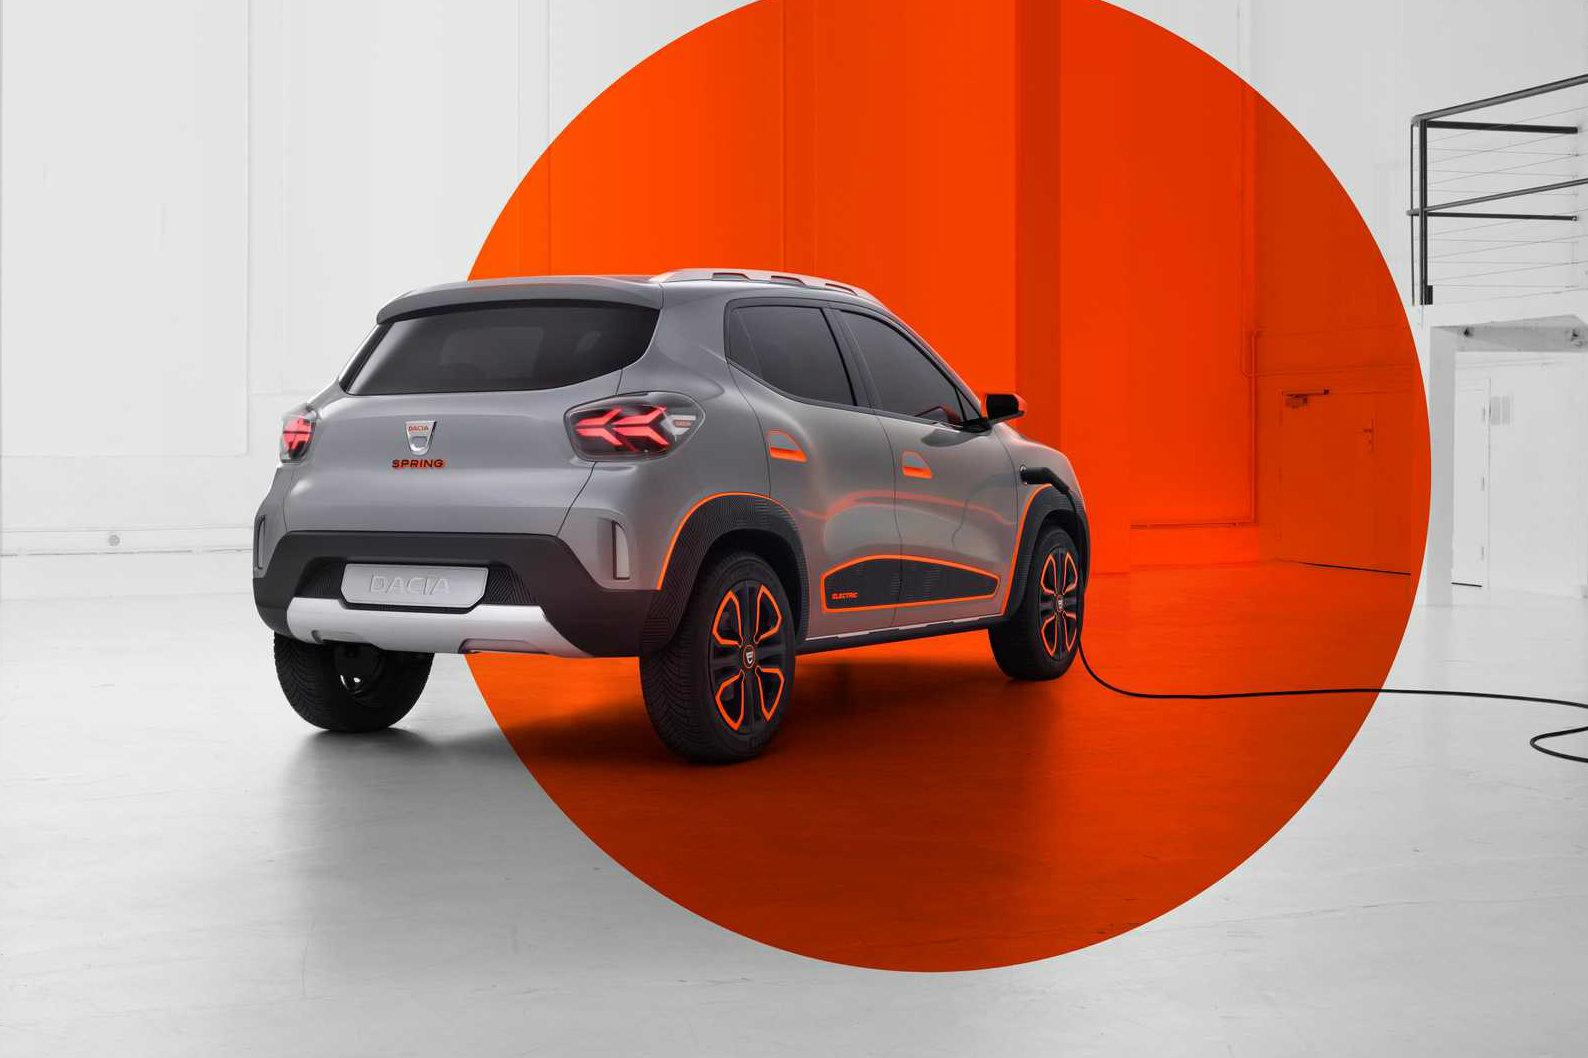 Бюджетный Renault Kwid доберется до Европы под брендом Dacia